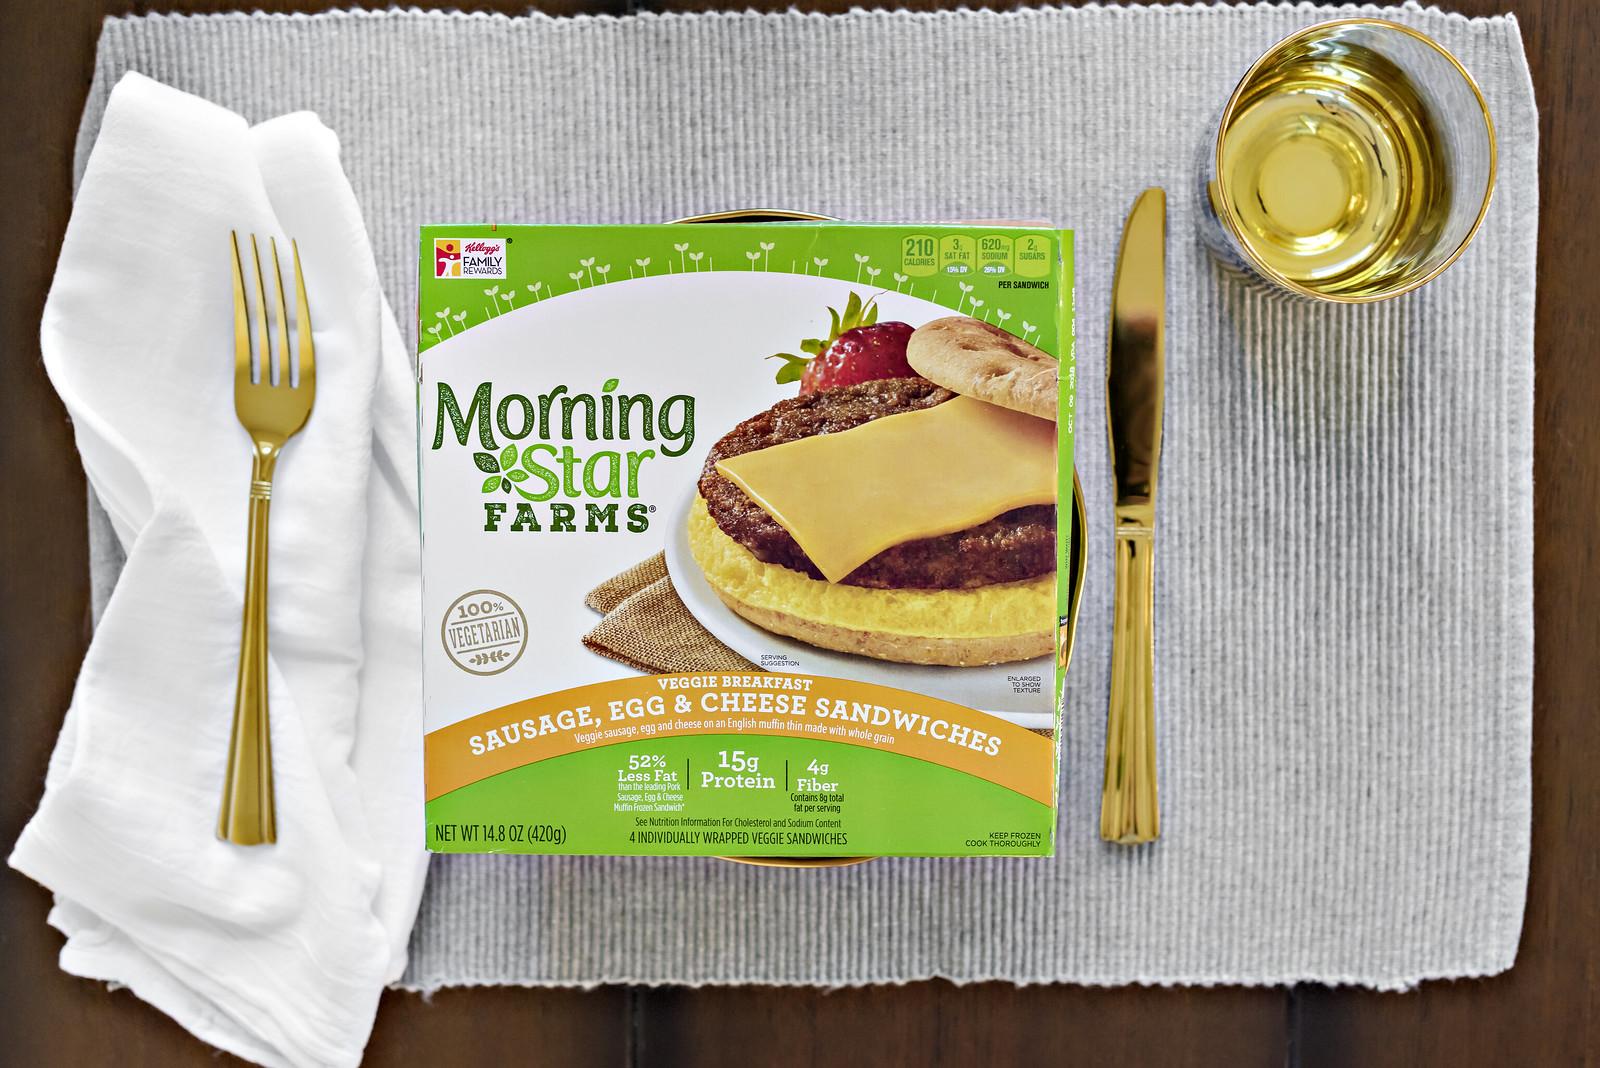 Morning Star Farms breakfast